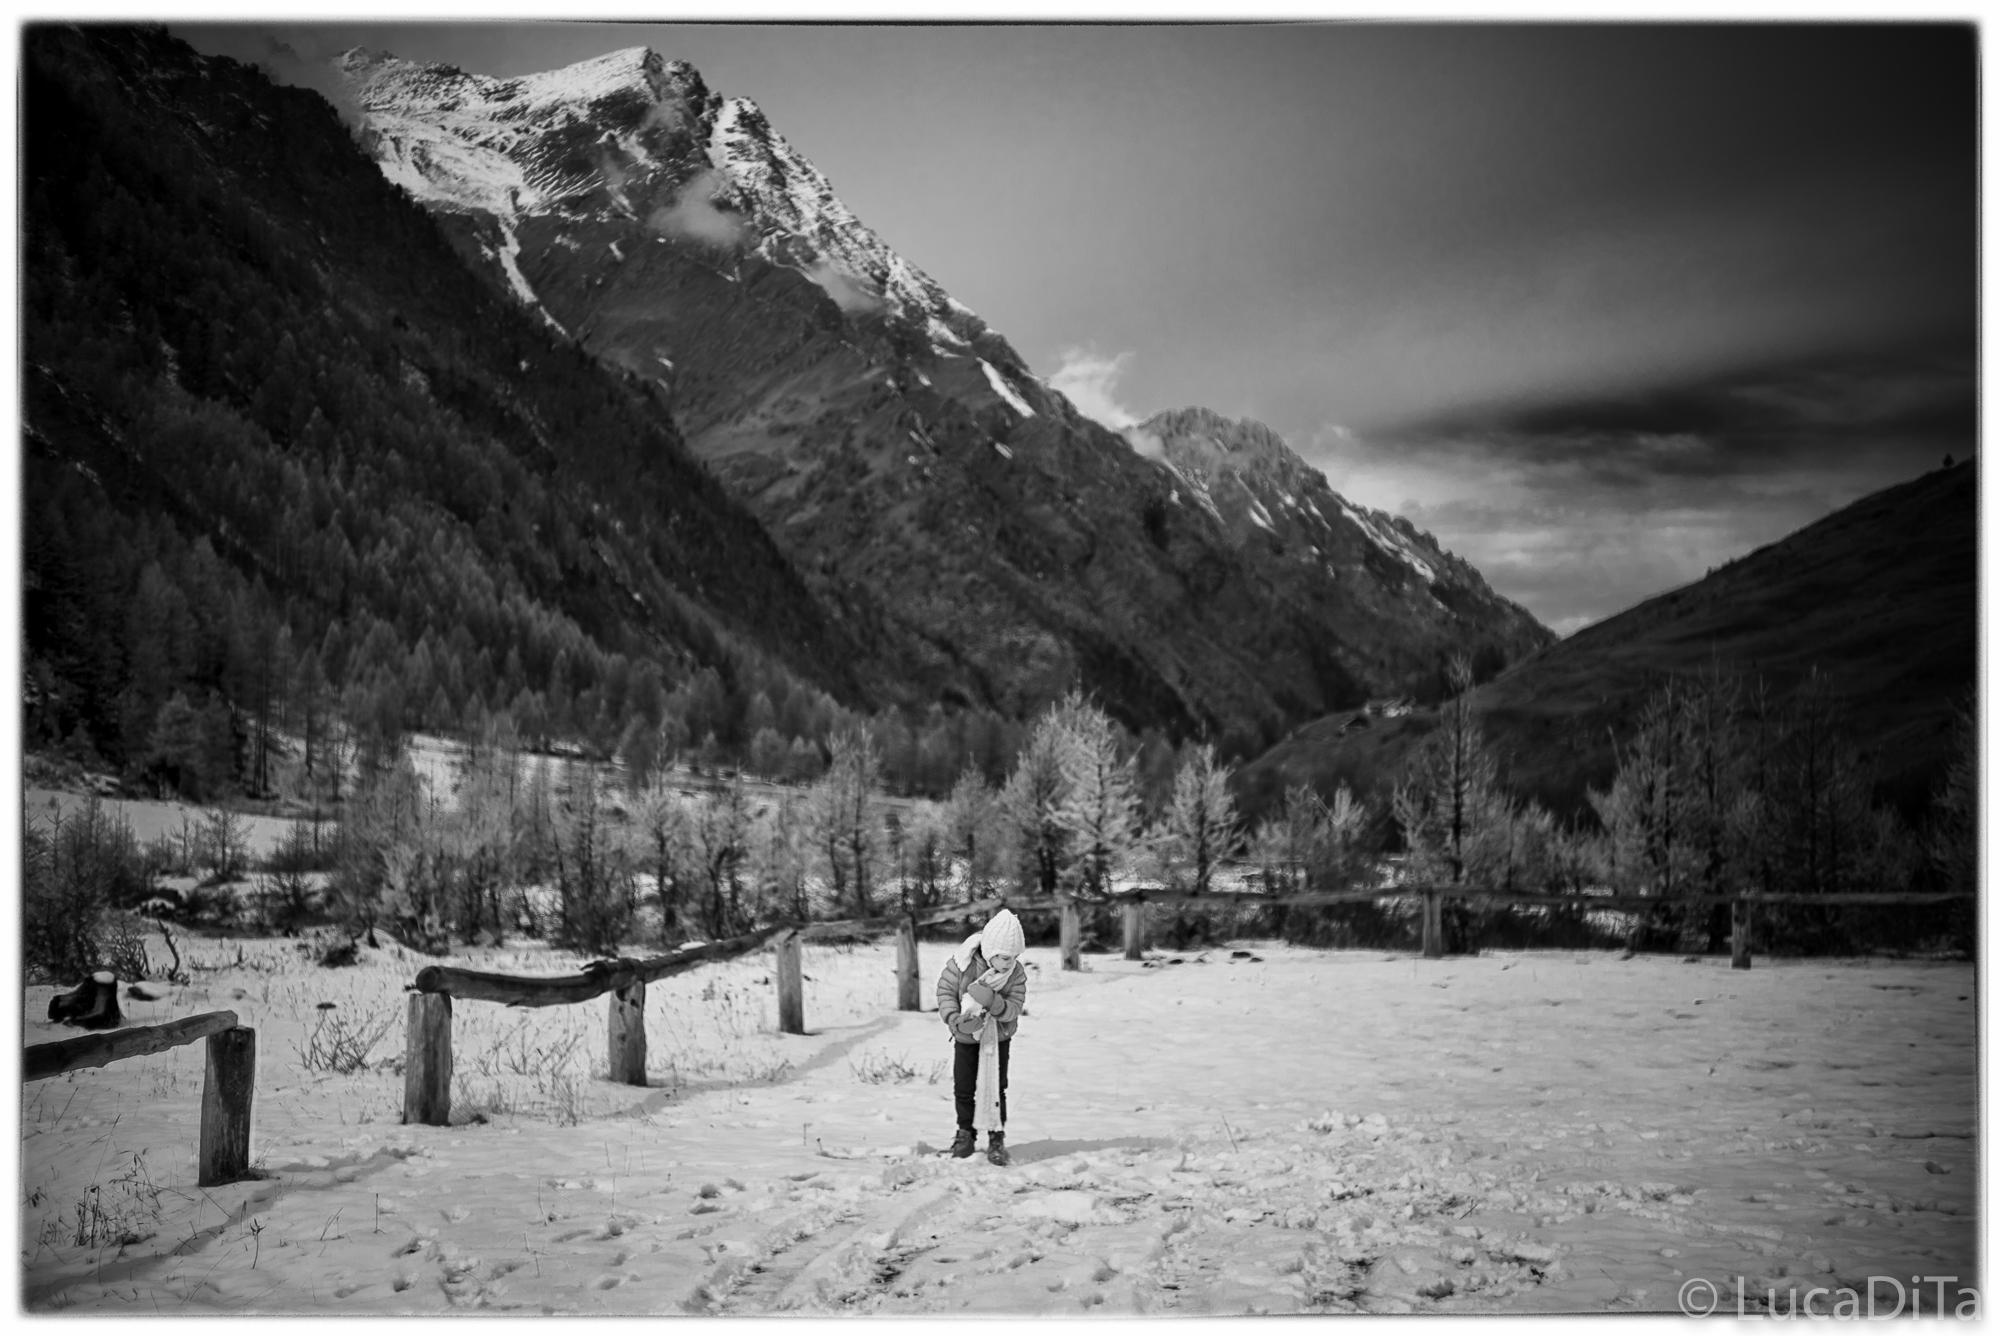 A7s + Leica Summilux 50 / 1.4 asph...